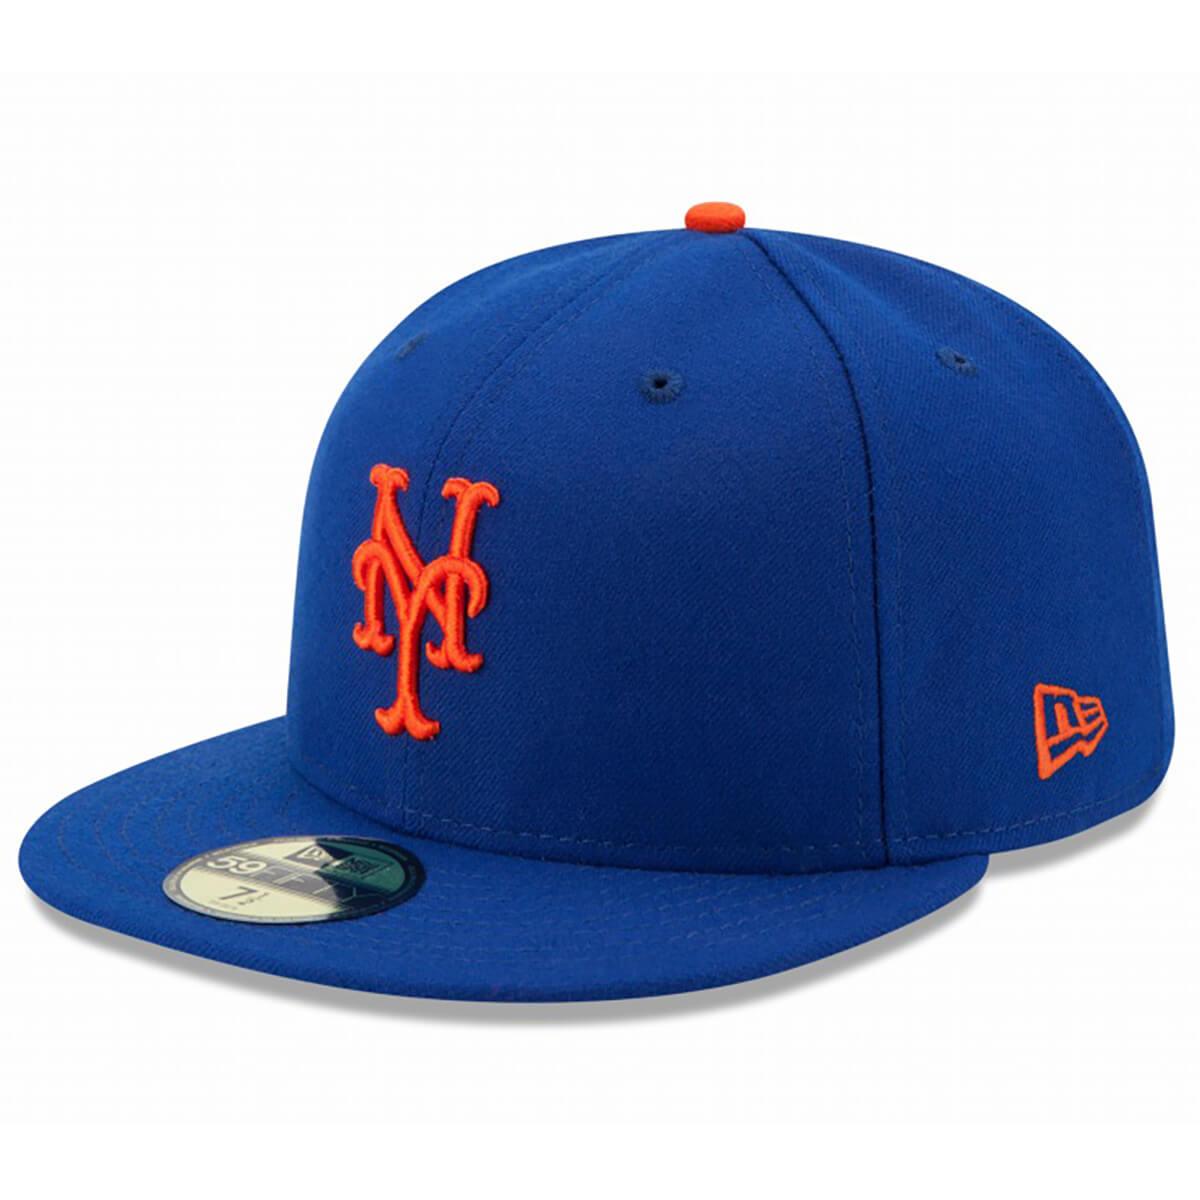 NEWERA ニューエラ 59FIFTY キャップ メンズ レディース 男性 女性 ウィメンズ ユニセックス 男女兼用 NEW YORK METS ニューヨークメッツ MLB 野球 ベースボール 帽子 11449356 ROYAL ロイヤル 青 NEW ERA